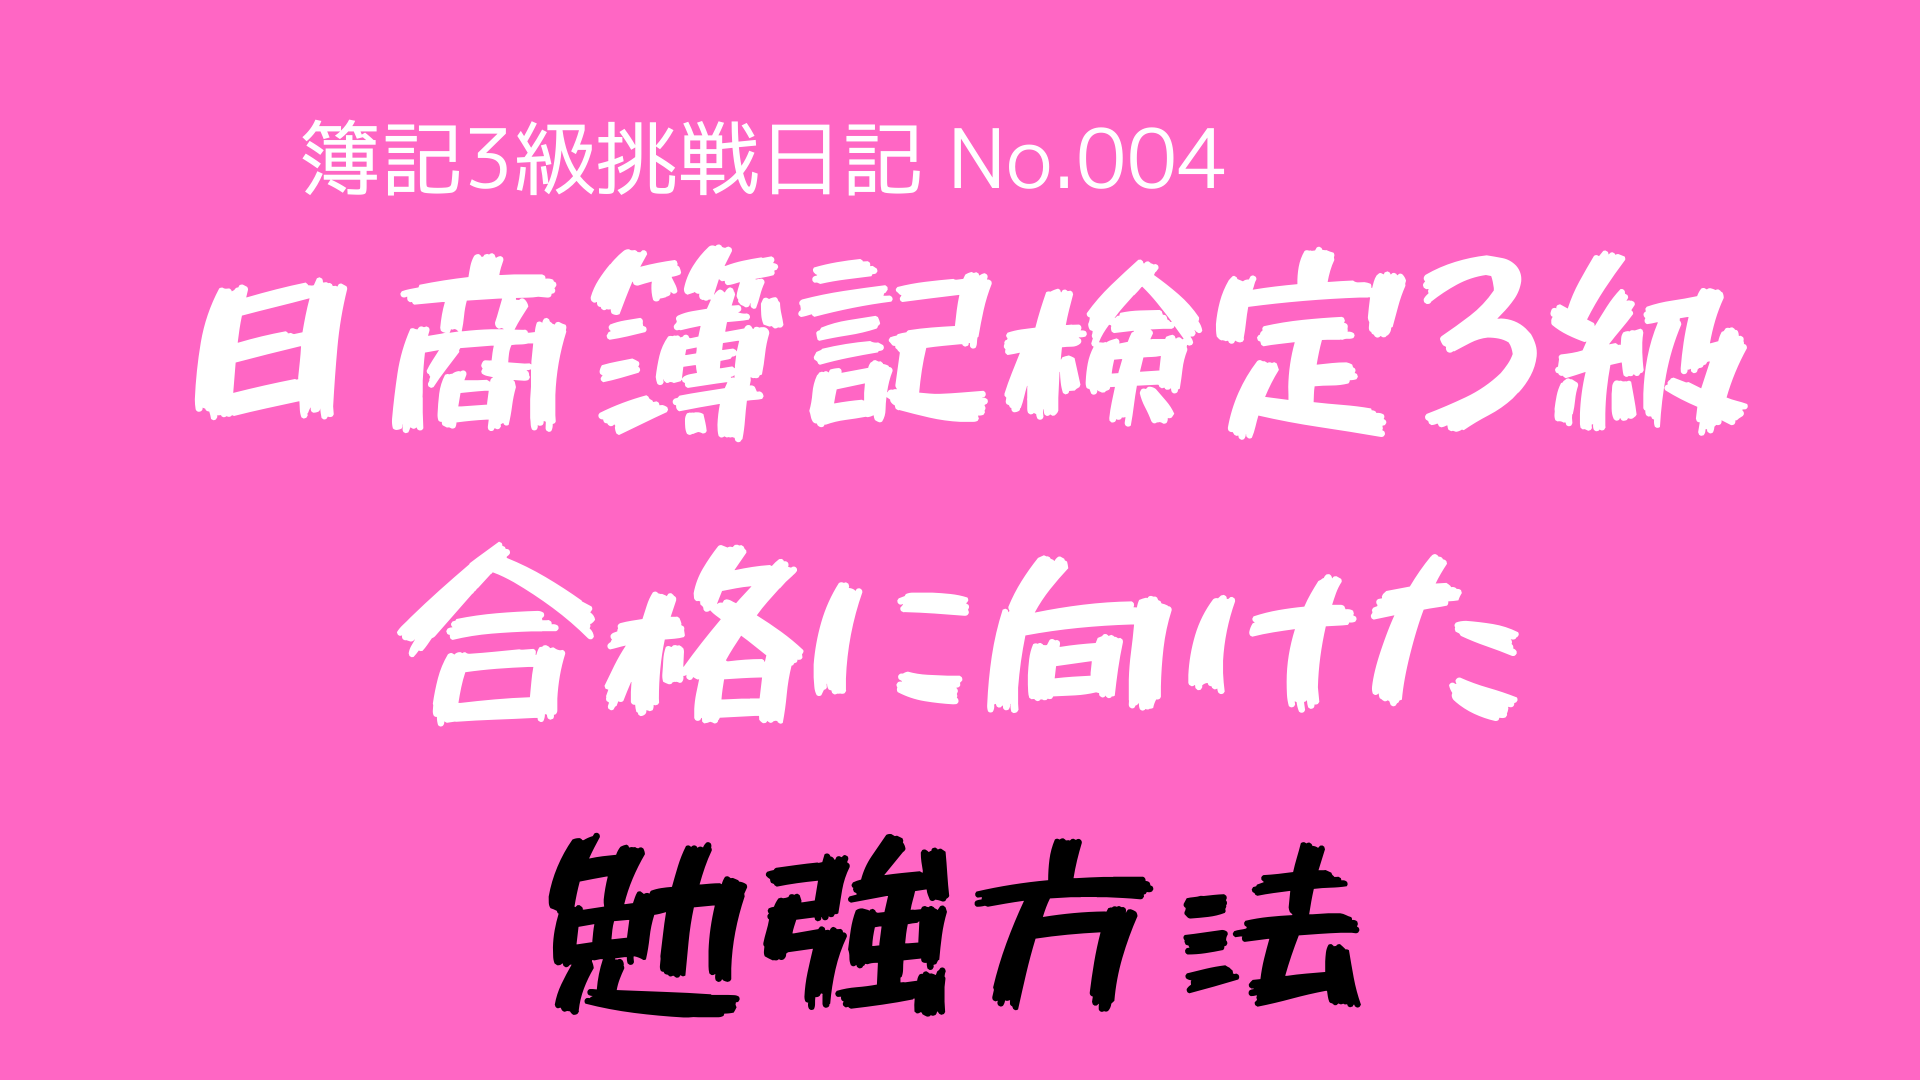 (簿記3級挑戦日記-No.004)日商簿記検定3級合格に向けて、勉強方法はどうするか?